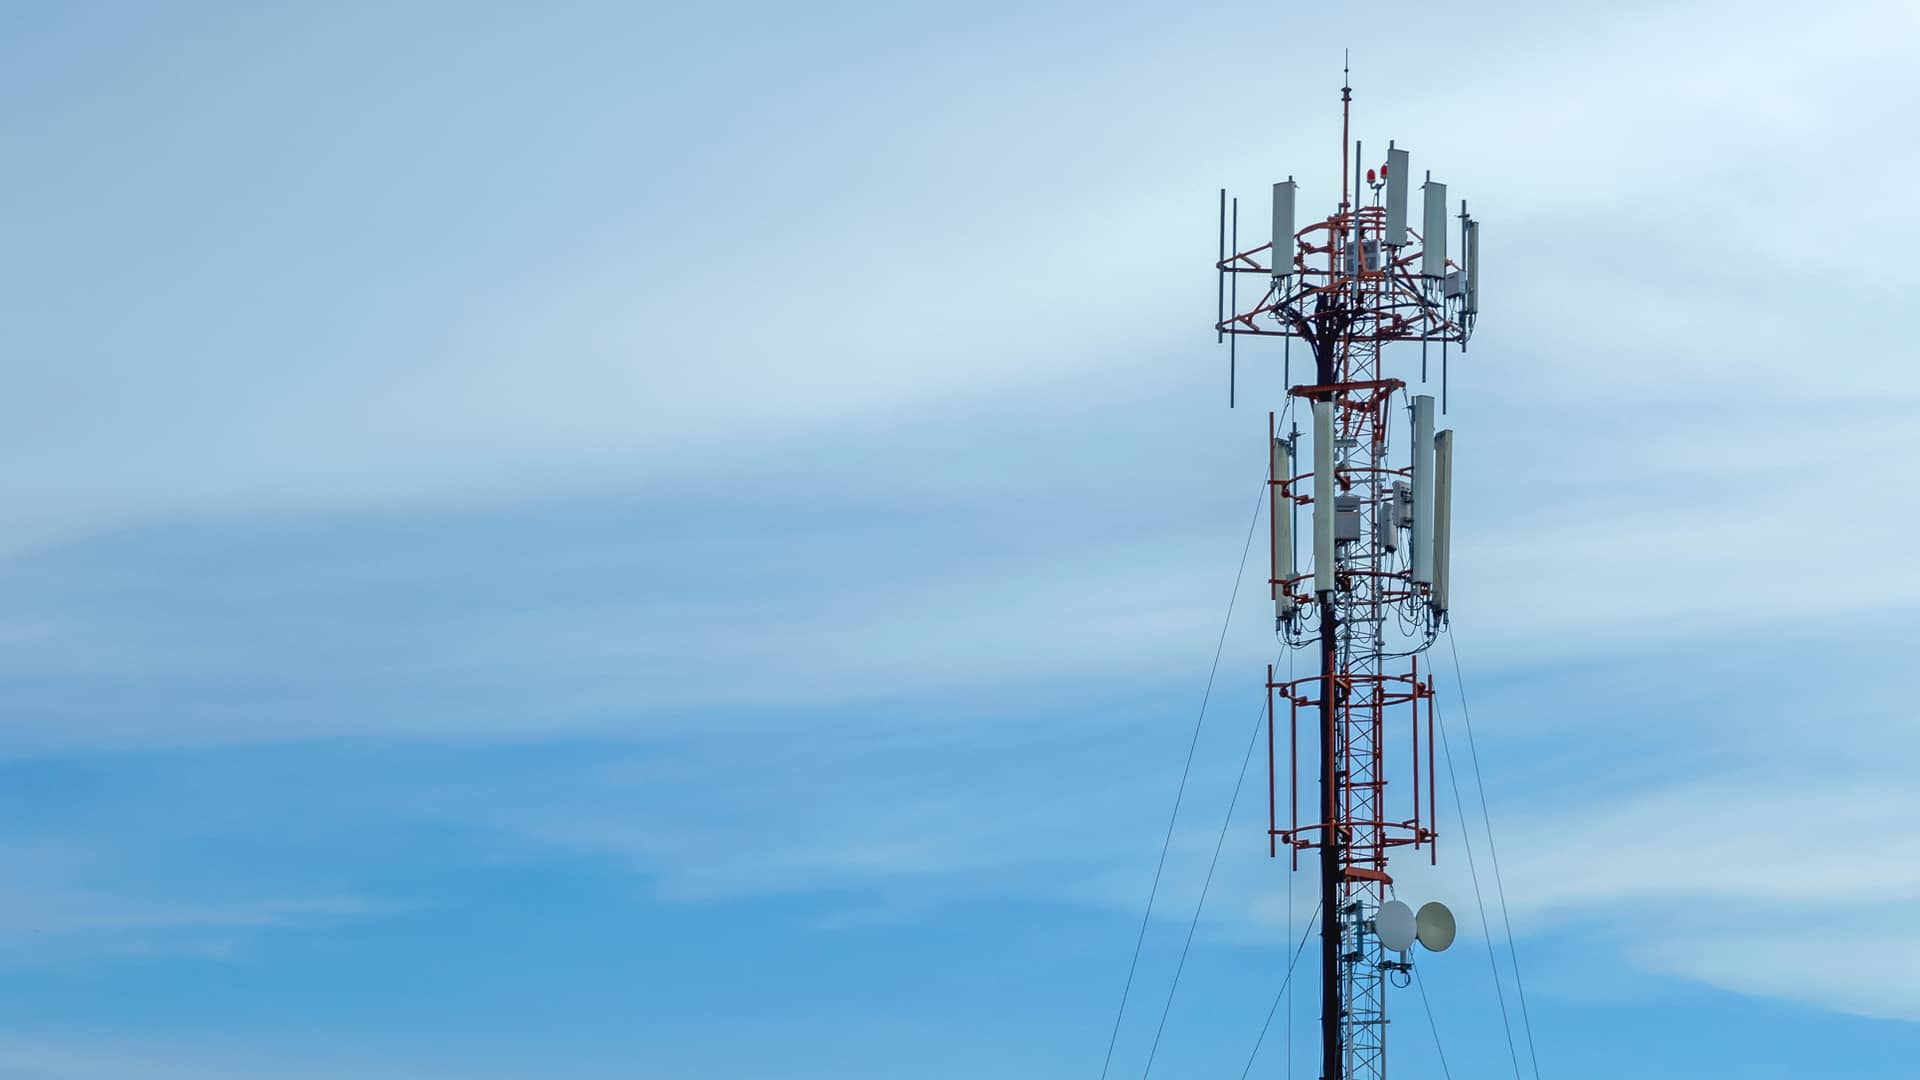 Antena telefónica simbliza la cobertura 5g de yoigo